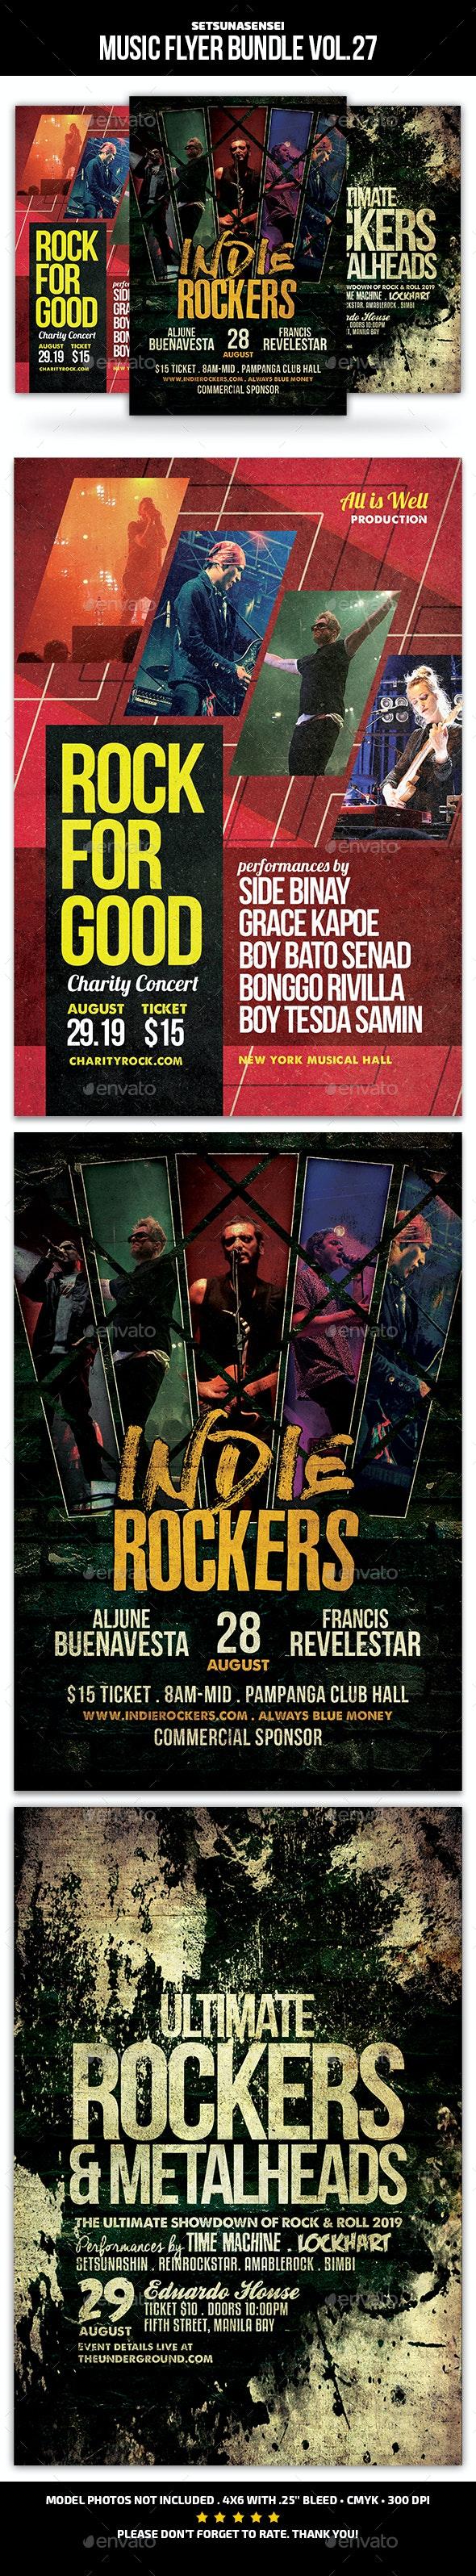 Music Flyer Bundle Vol. 27 - Concerts Events